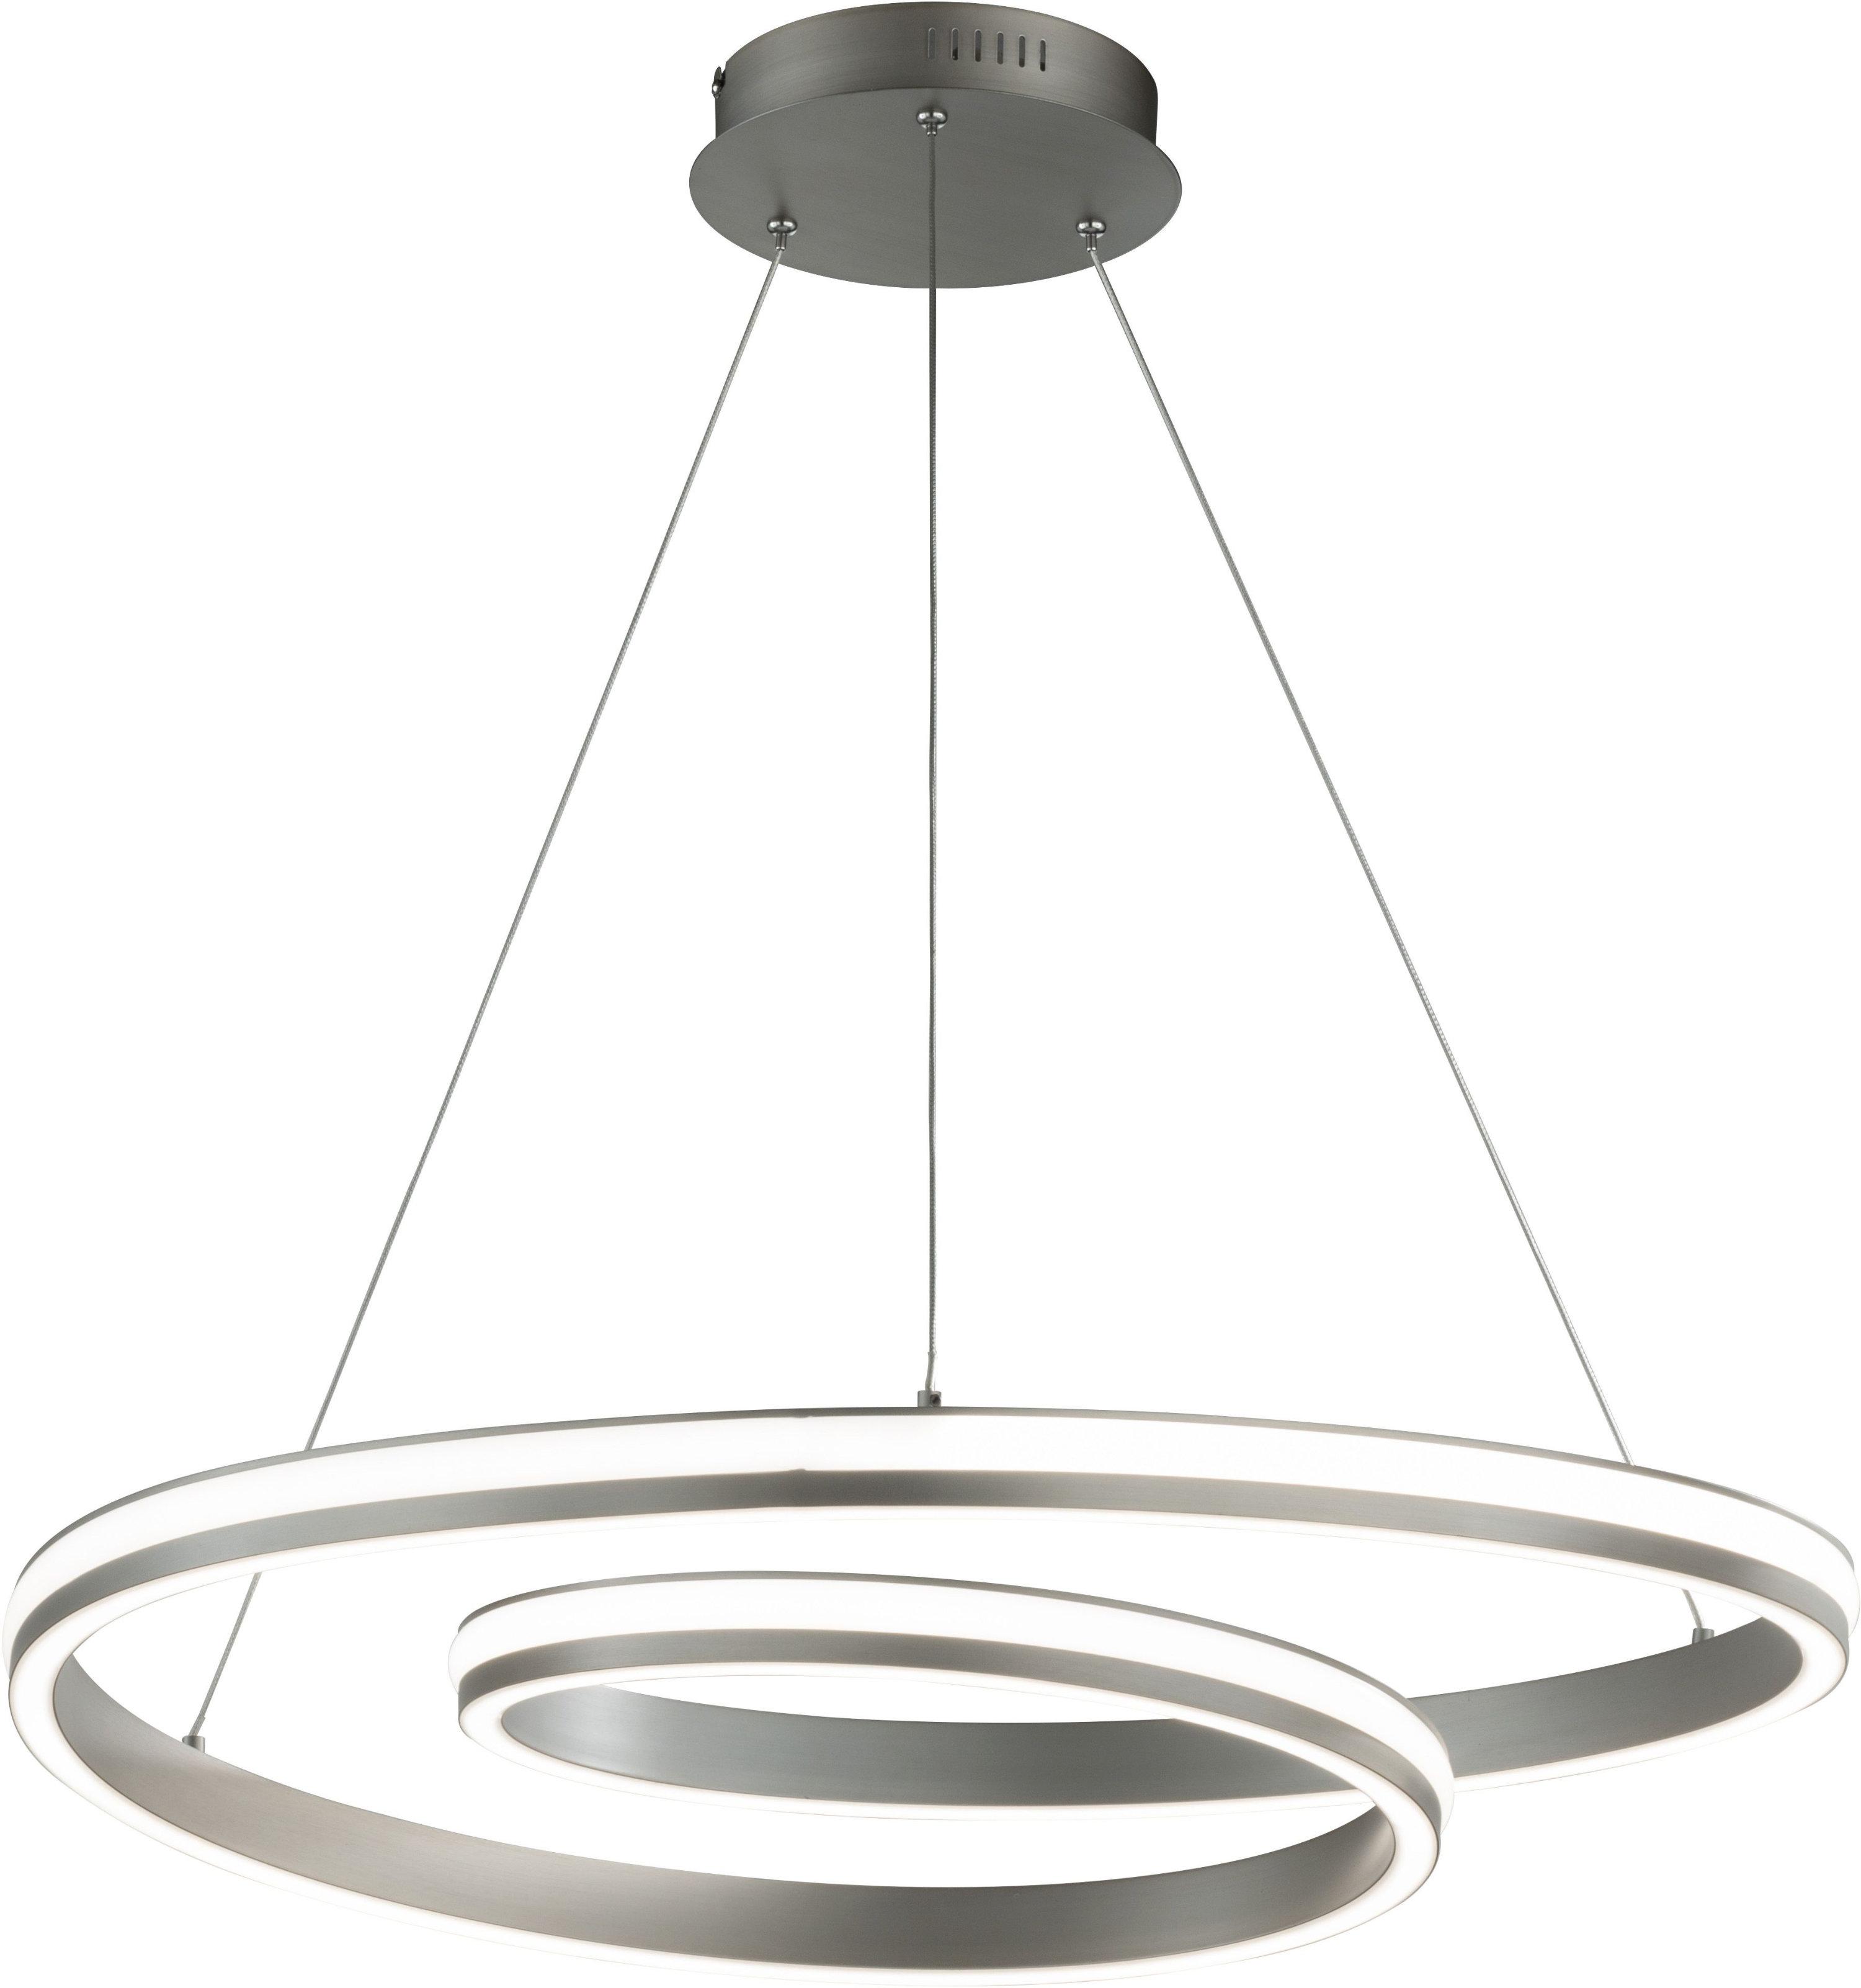 Φωτιστικό οροφής FH Spiral TW